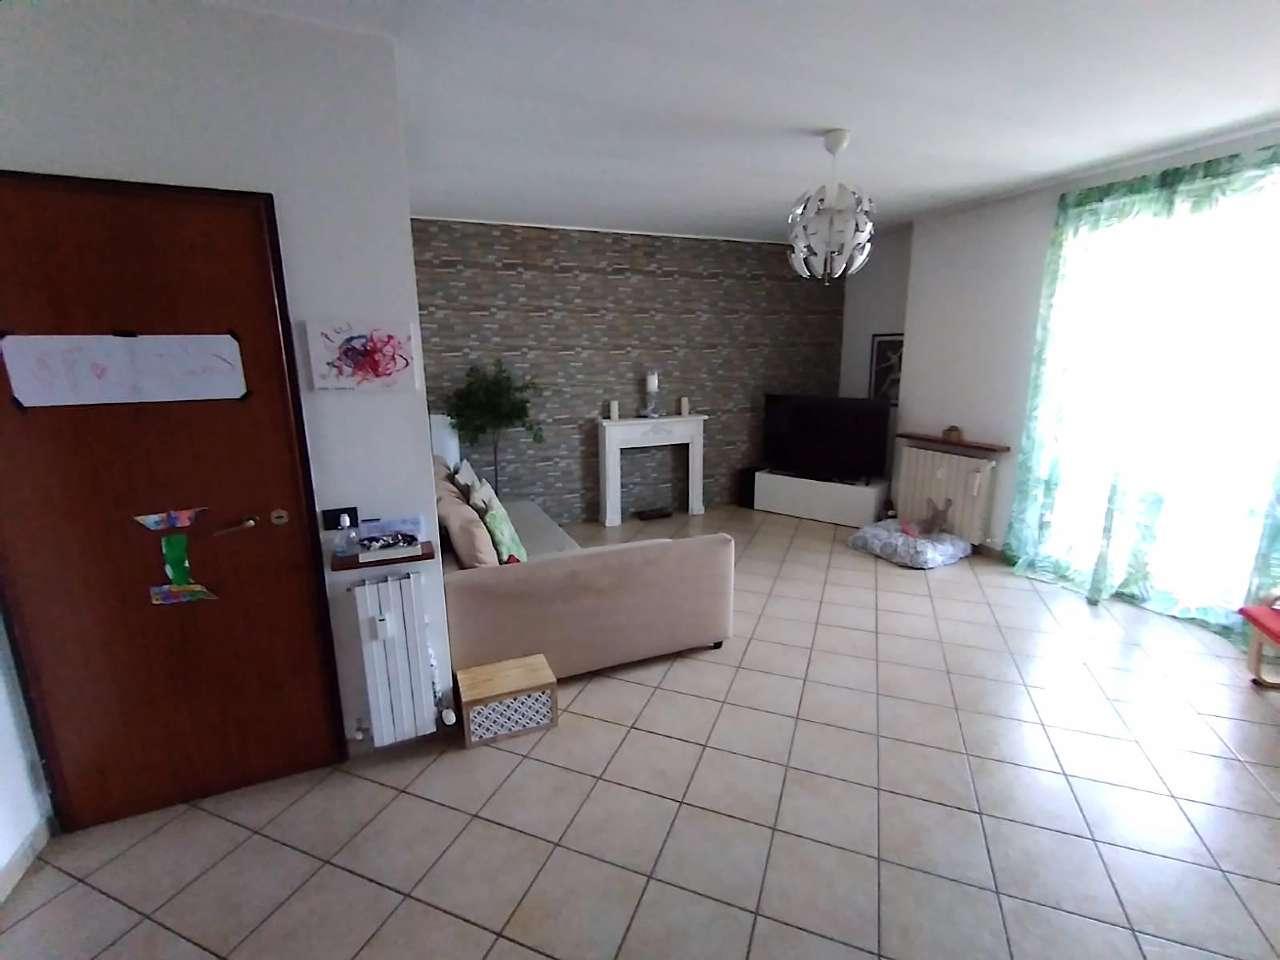 Appartamento in vendita a Gorla Minore, 3 locali, prezzo € 135.000 | CambioCasa.it